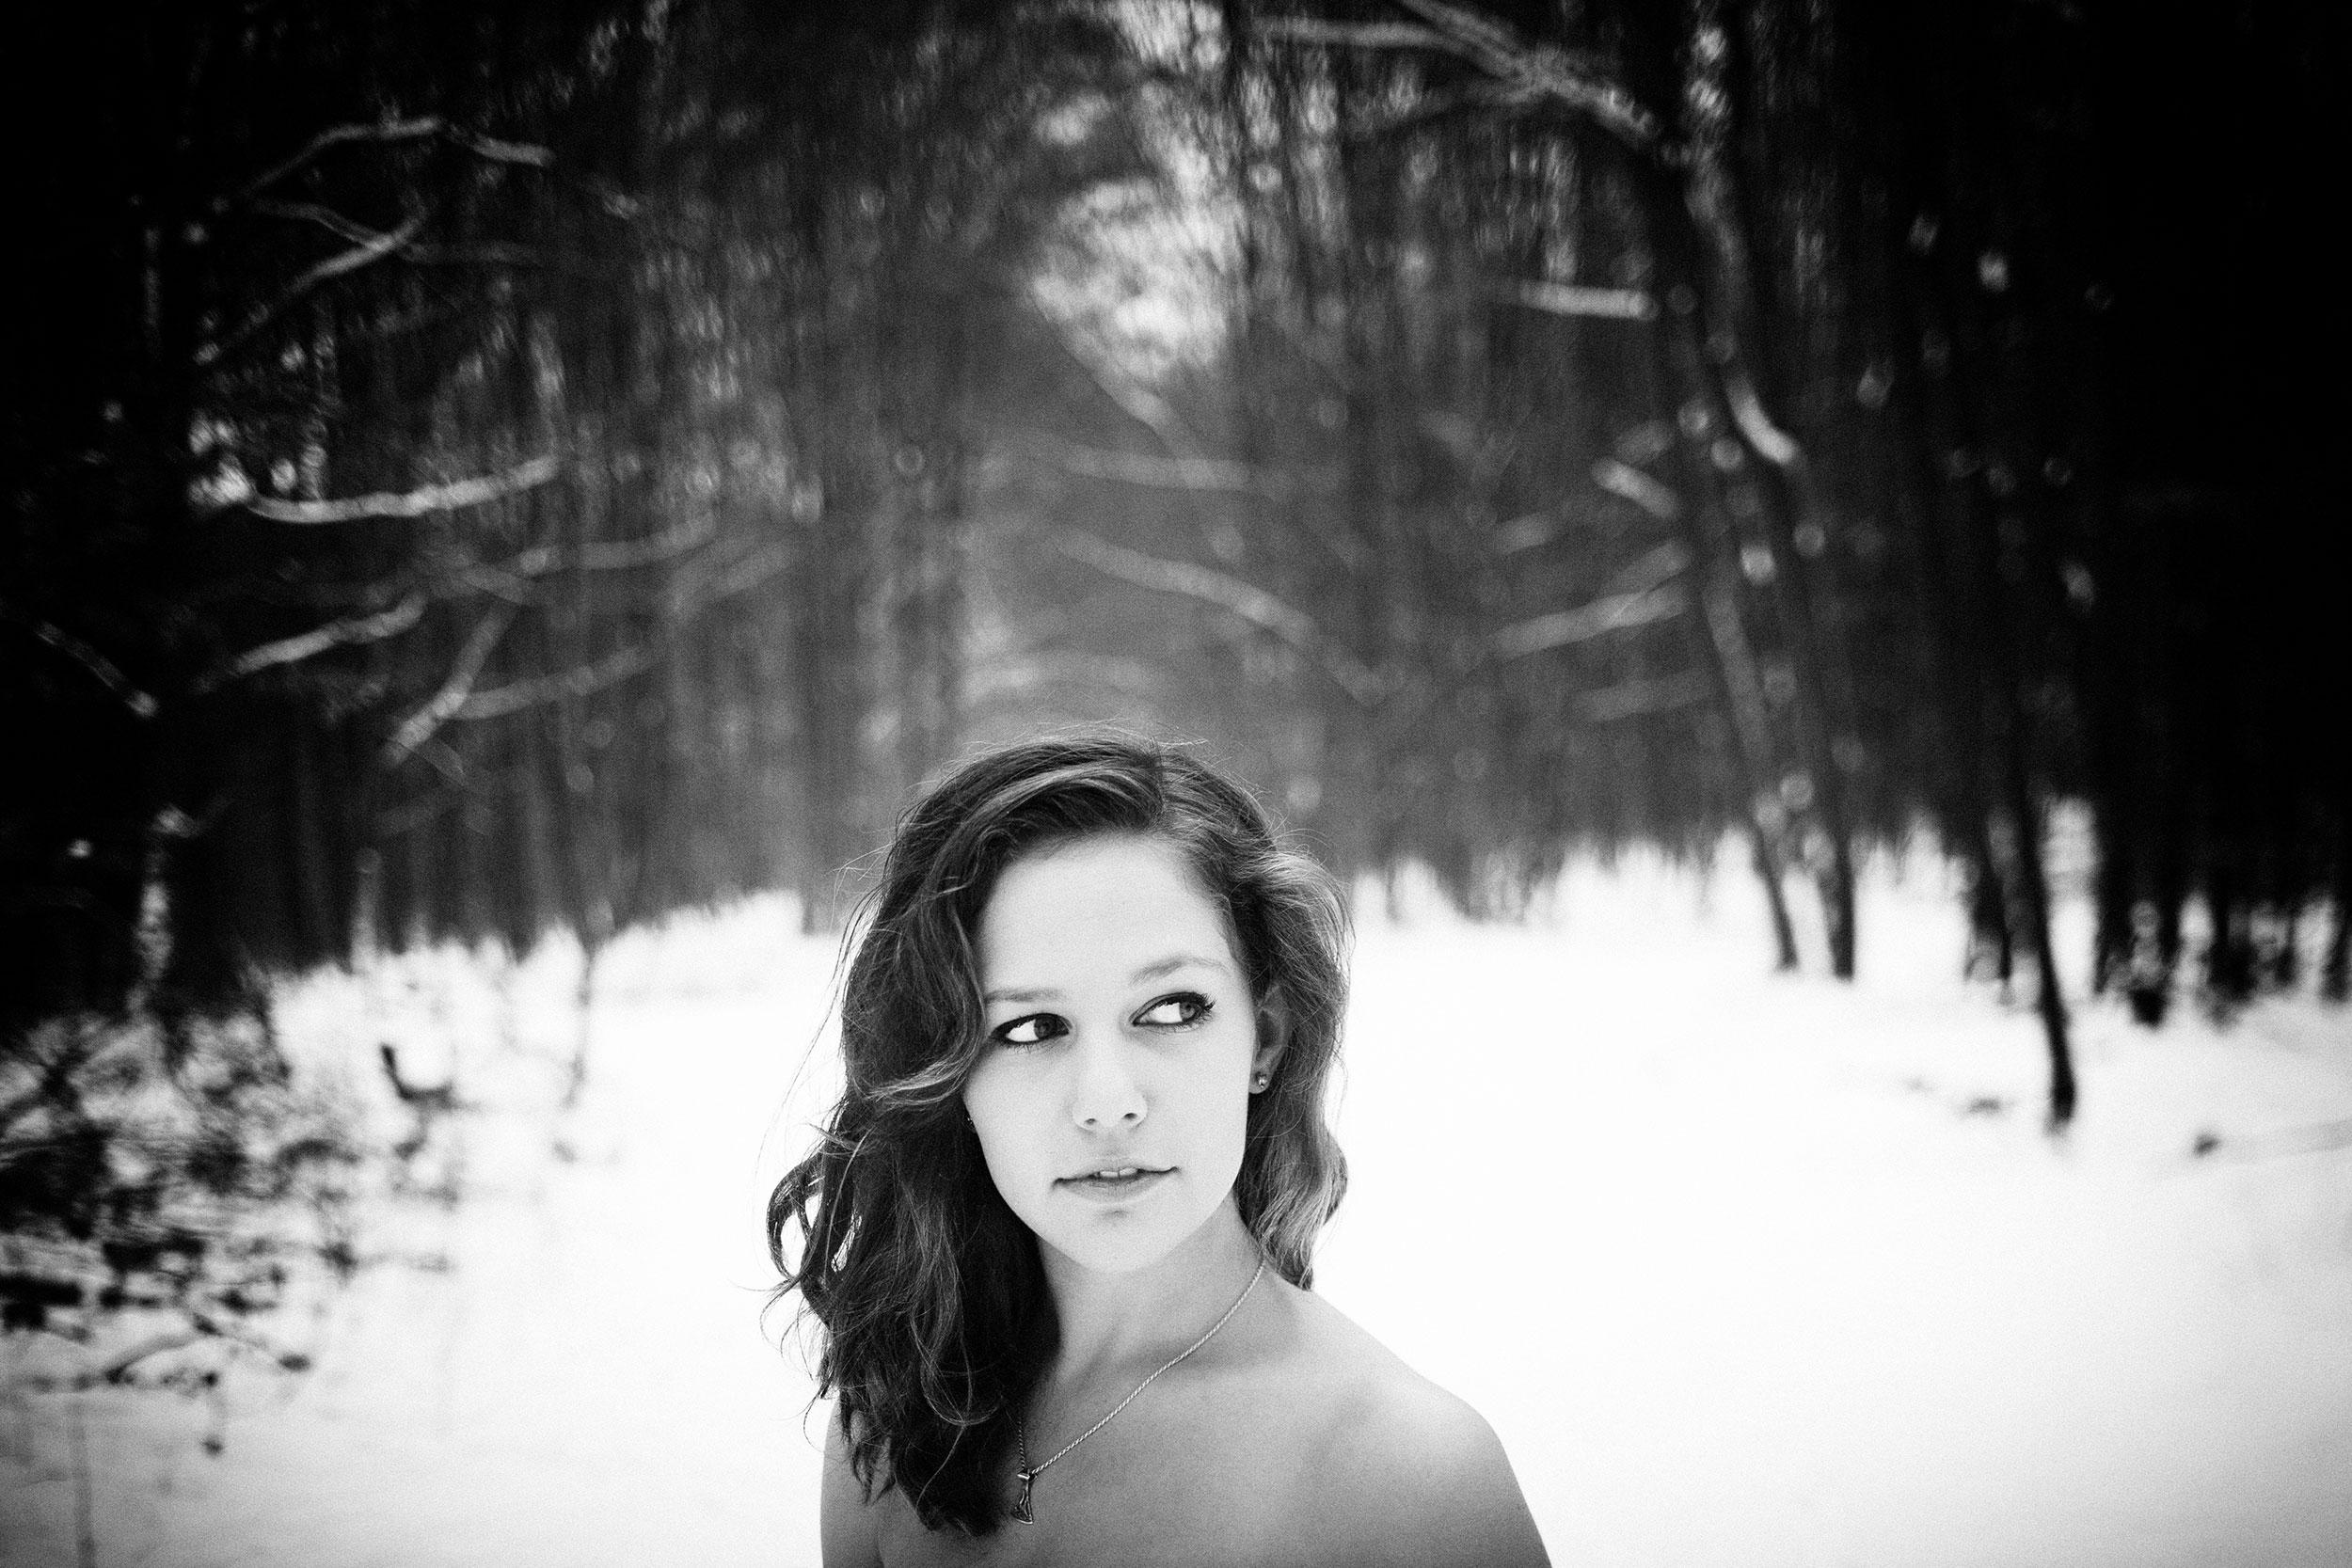 Kpnstlerportrait im Winter mitten im Wald